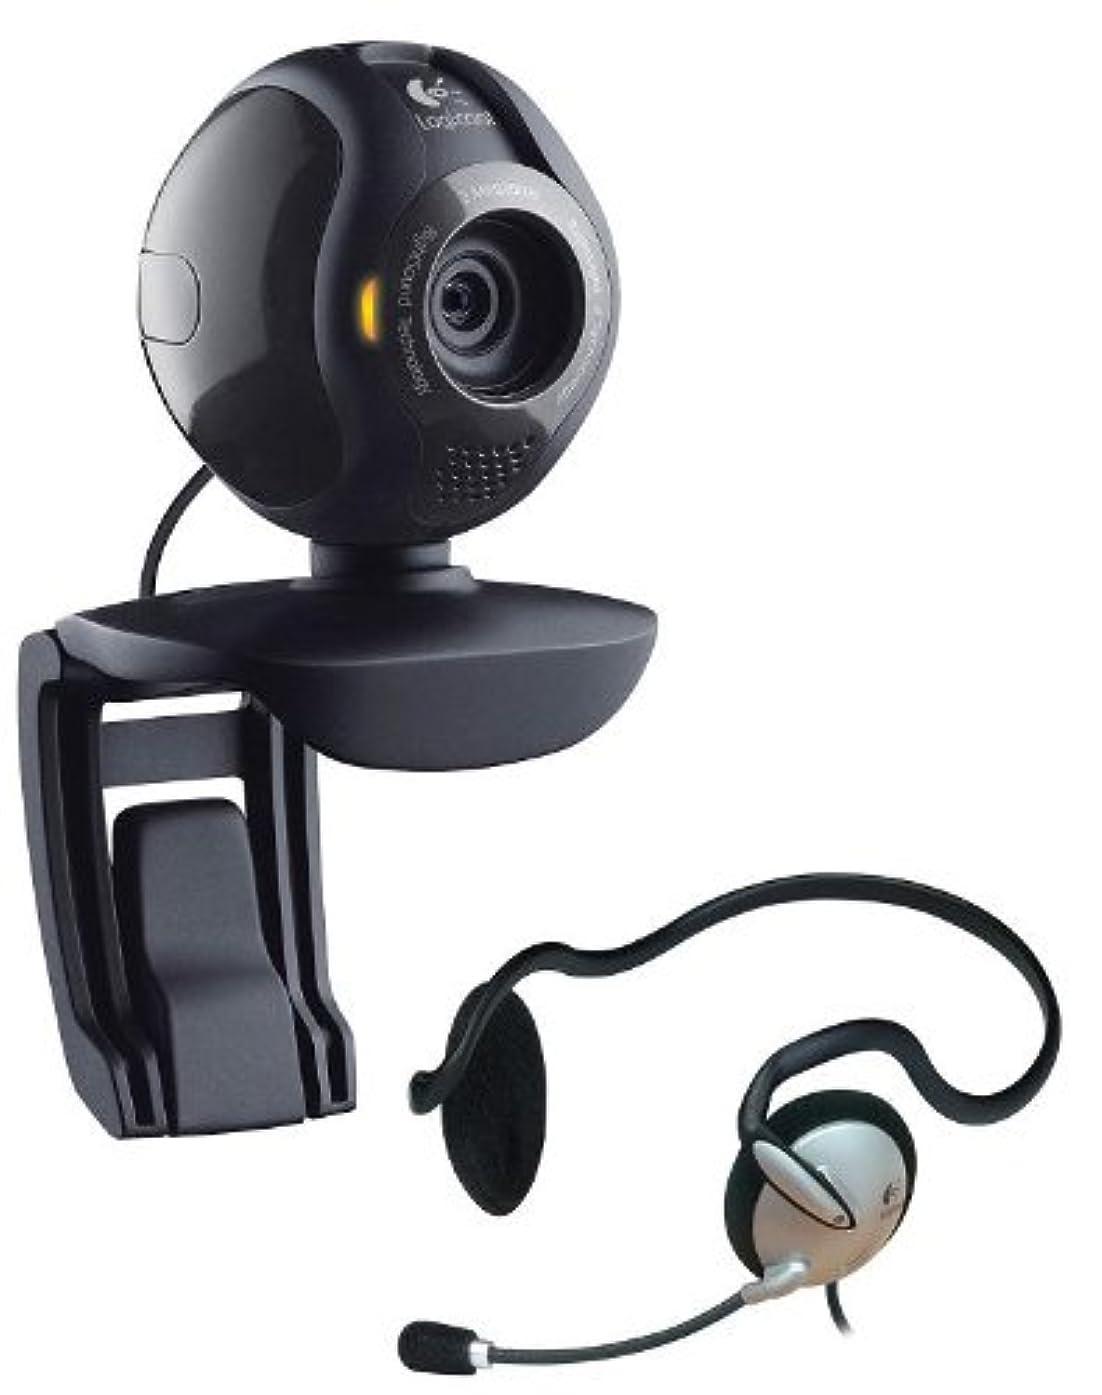 悪党トロリーバスプラカードiBUFFALO 200万画素Webカメラ ガラスレンズ搭載モデル ヘッドセット付 ブラック BSW20K10HBK